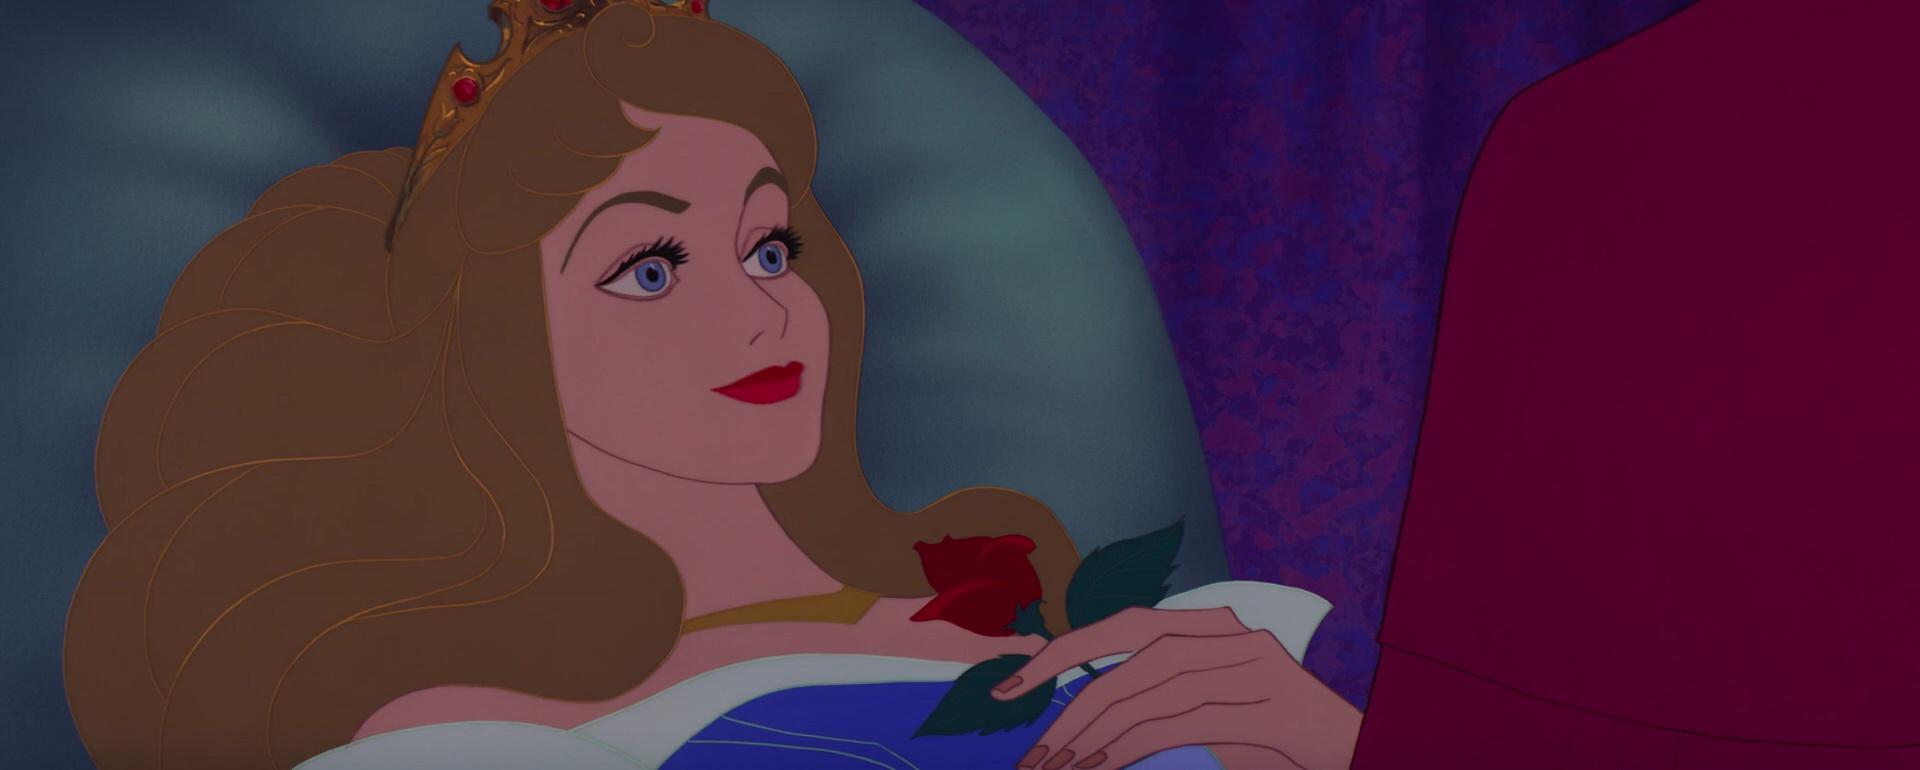 Aurore personnage dans La Belle au Bois Dormant